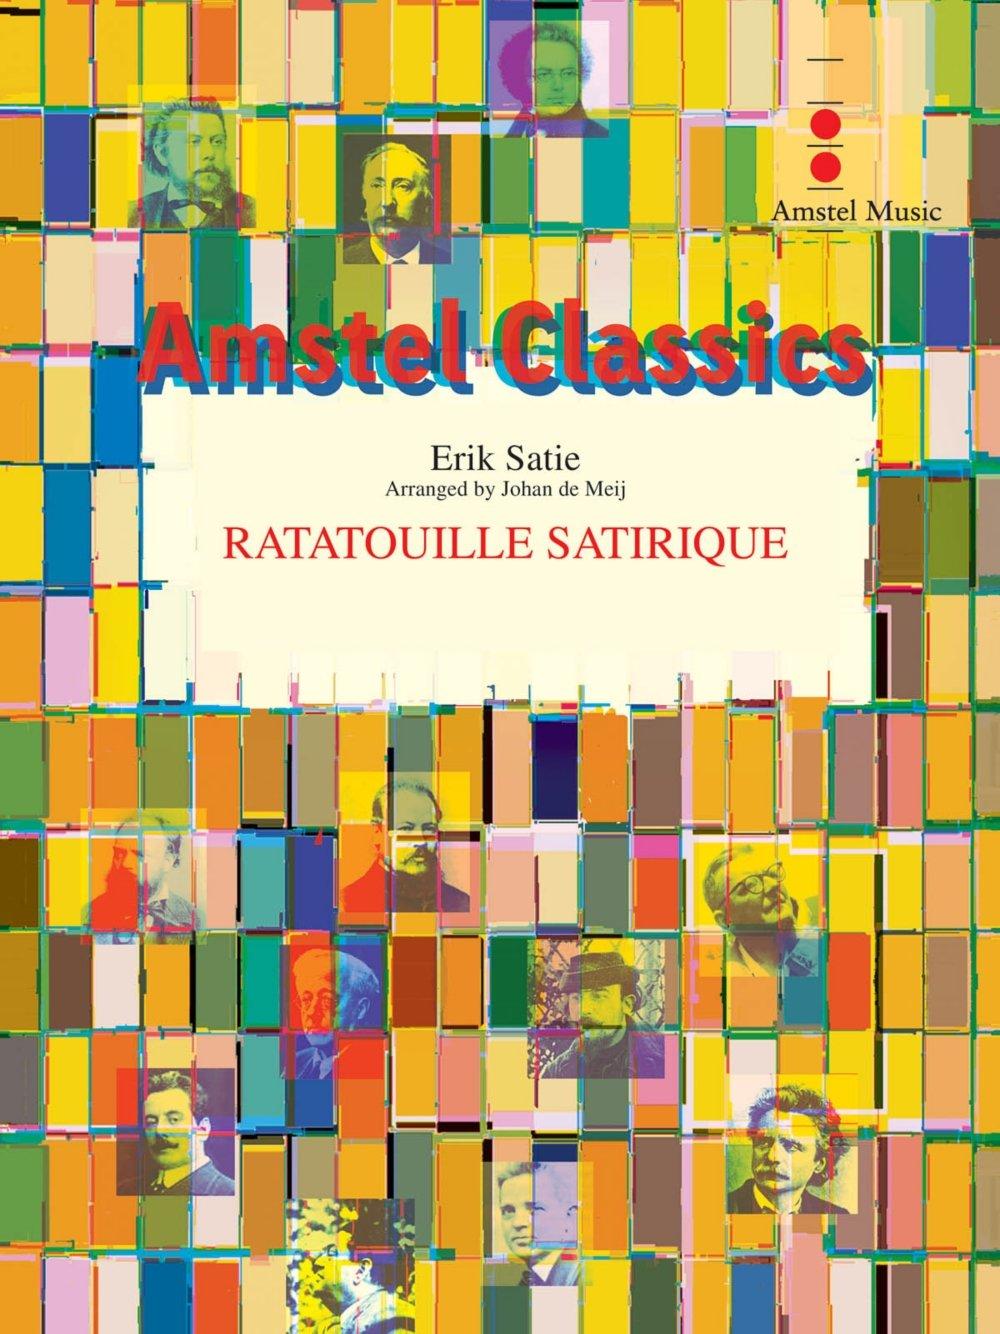 Download Amstel Music Ratatouille Satirique (Score and Parts) Concert Band Level 3 Arranged by Johan de Meij ebook